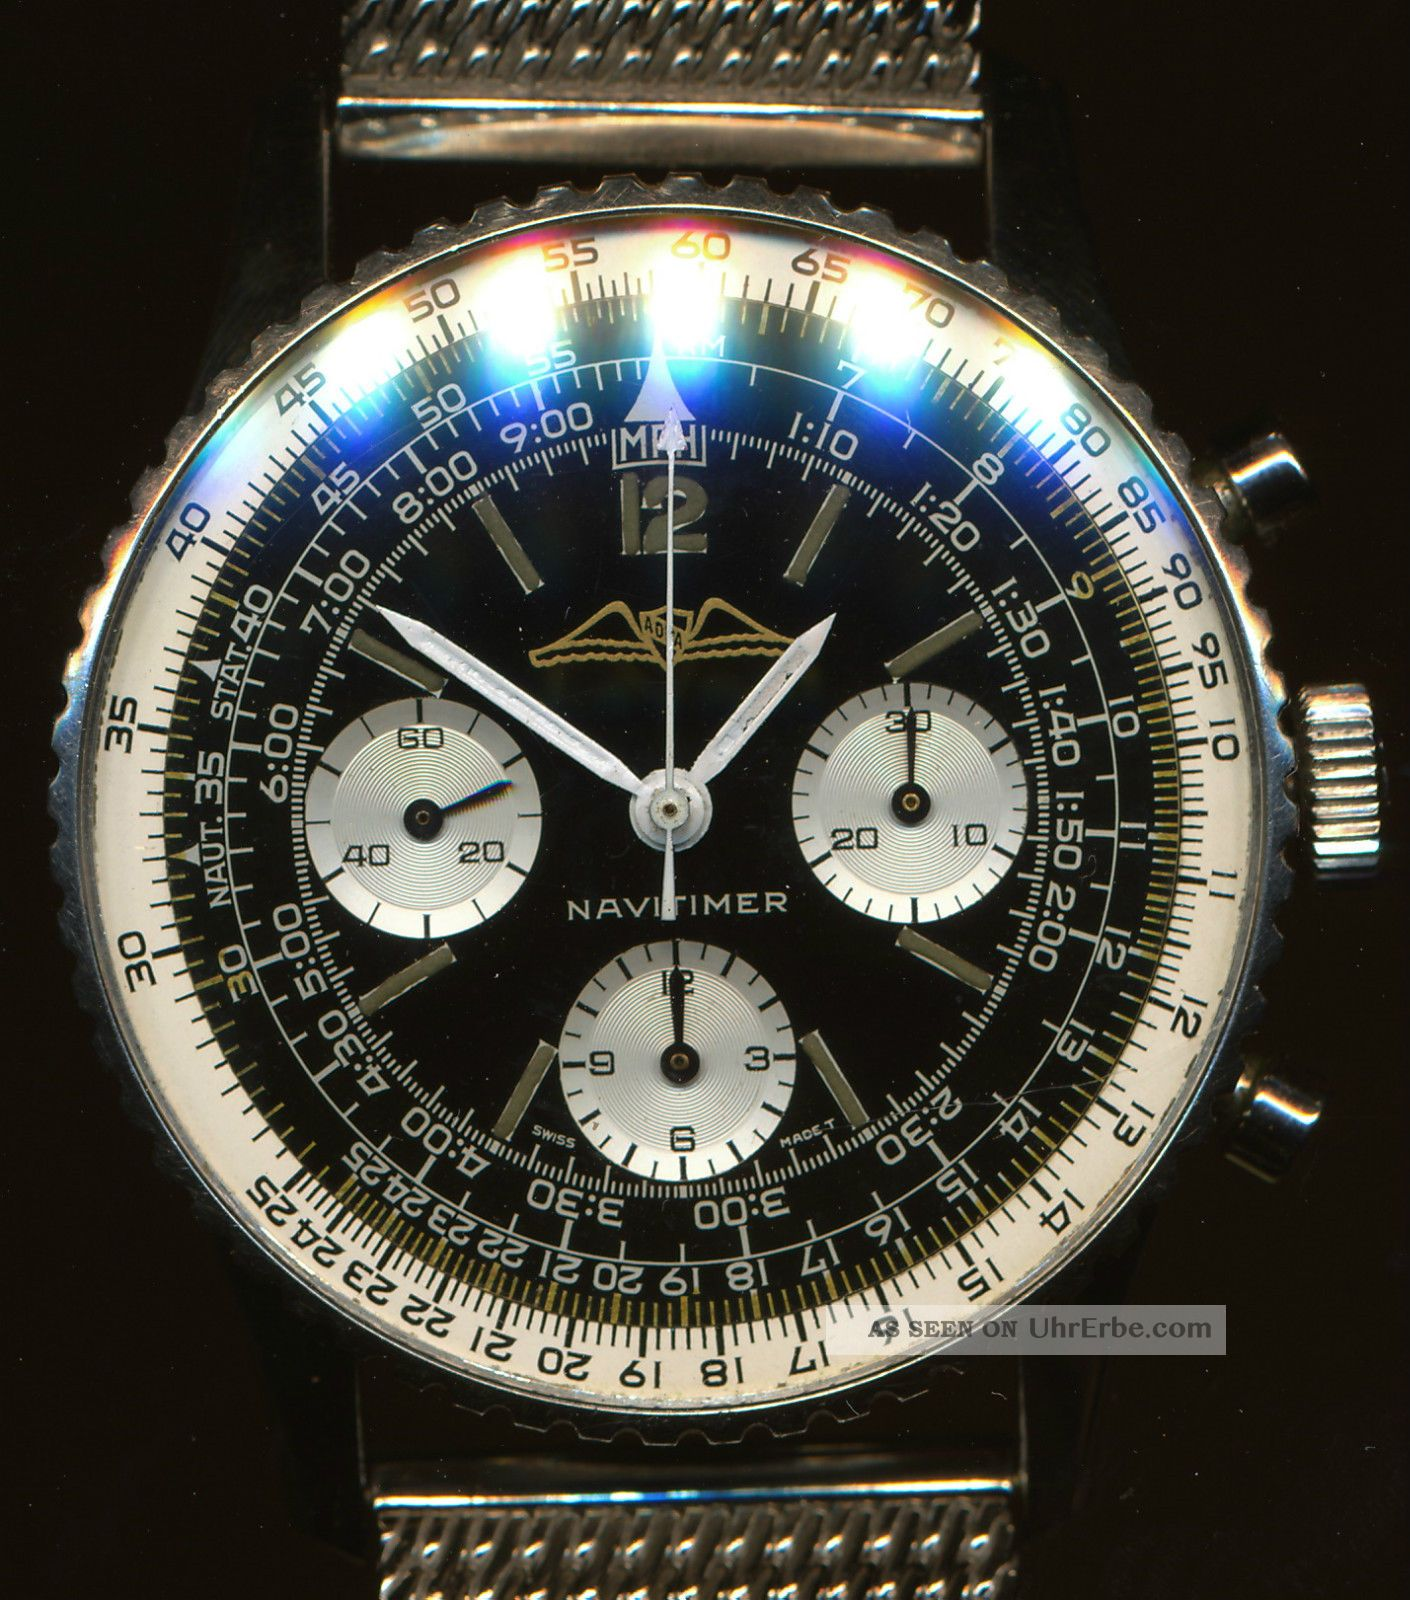 Schwer Stahl Netz Shark Armband 24mm Herstellung Zeitgenössischer Breitling Und Armbanduhren Bild